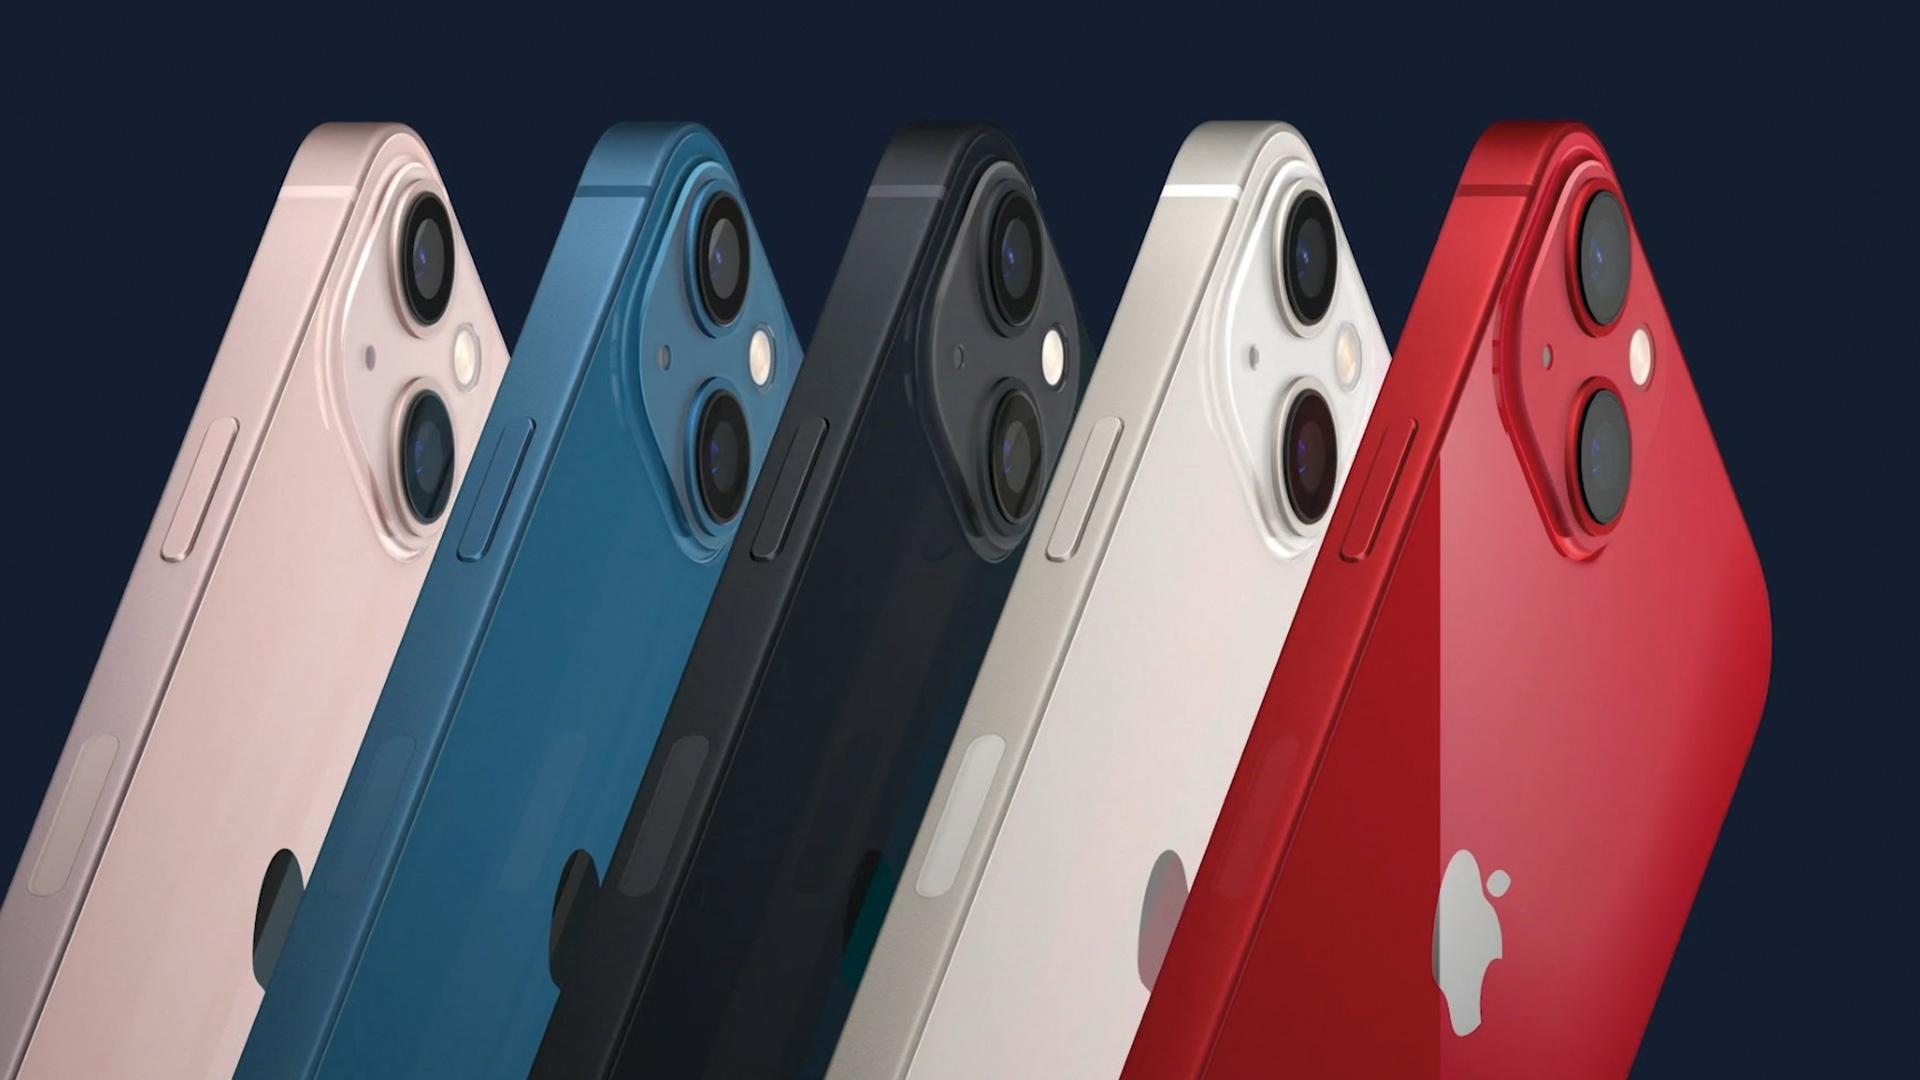 Colores iPhone 13 y iPhone 13 mini